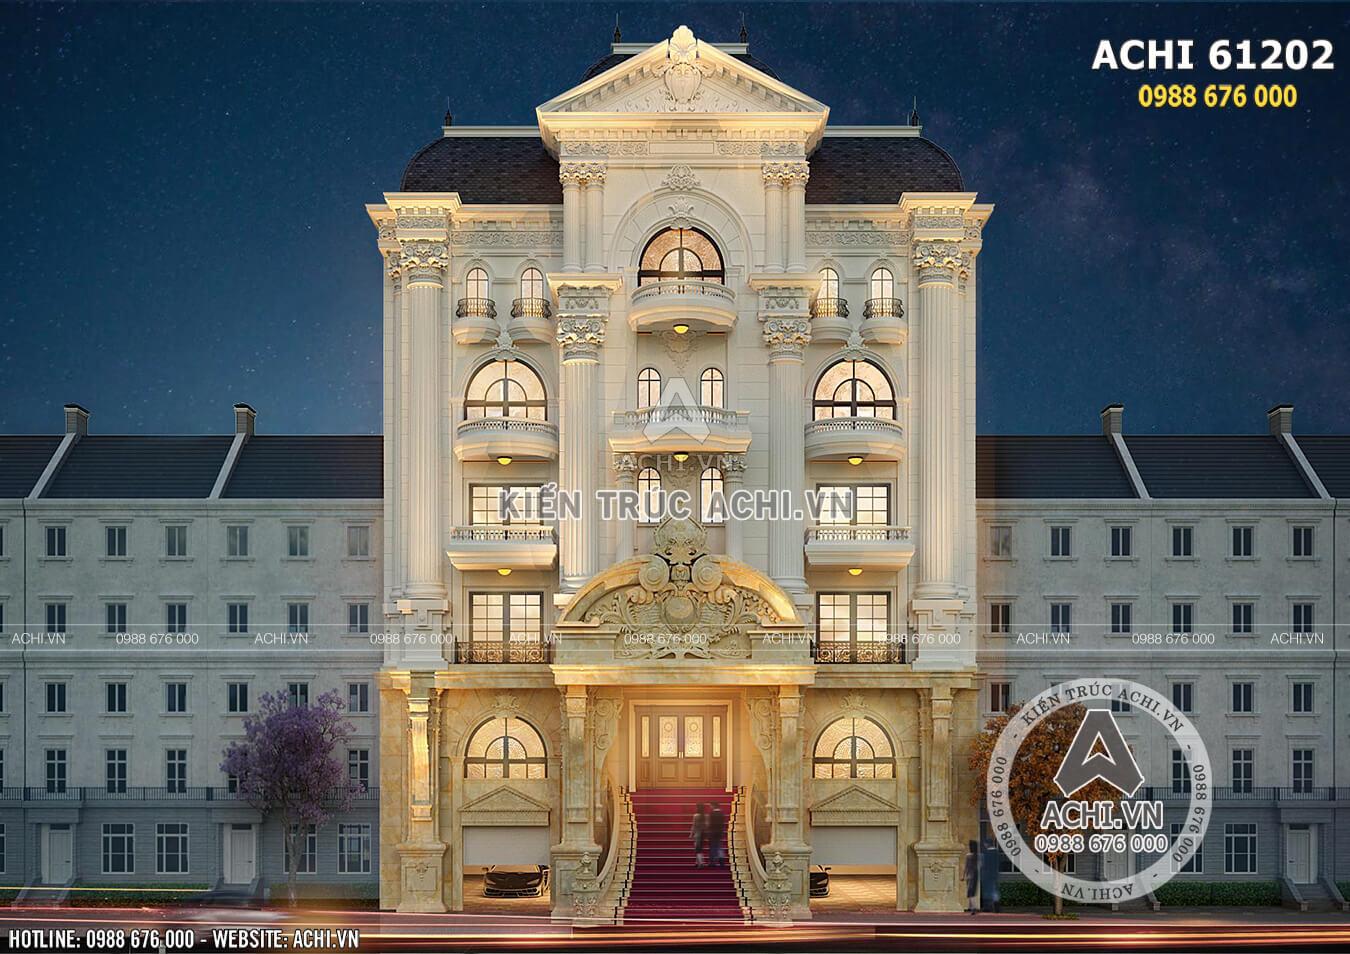 Kiến trúc Pháp đặc trưng khiến không gian mặt tiền tựa cung điện hoàng gia